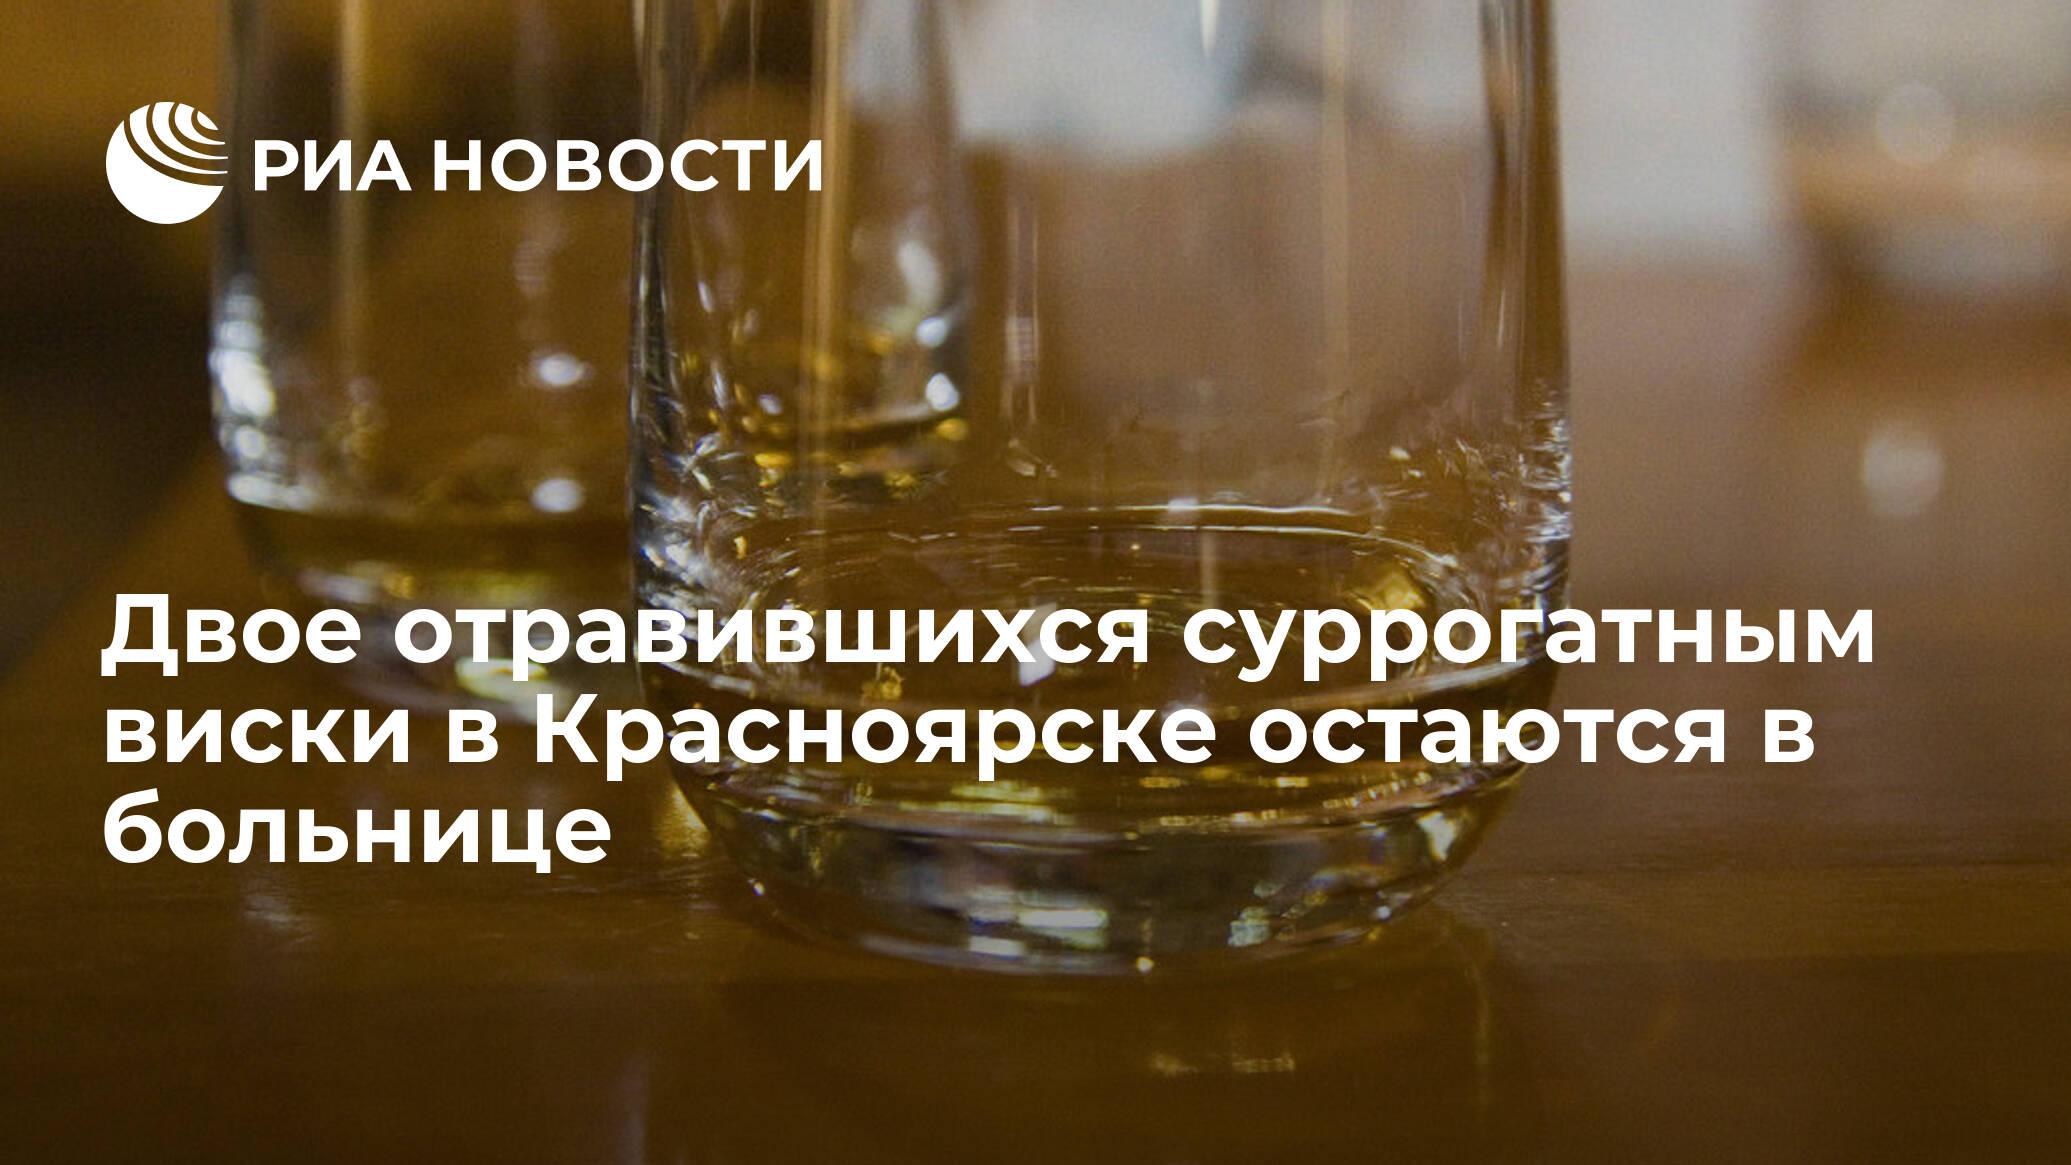 Каким виски отравились в красноярске фото